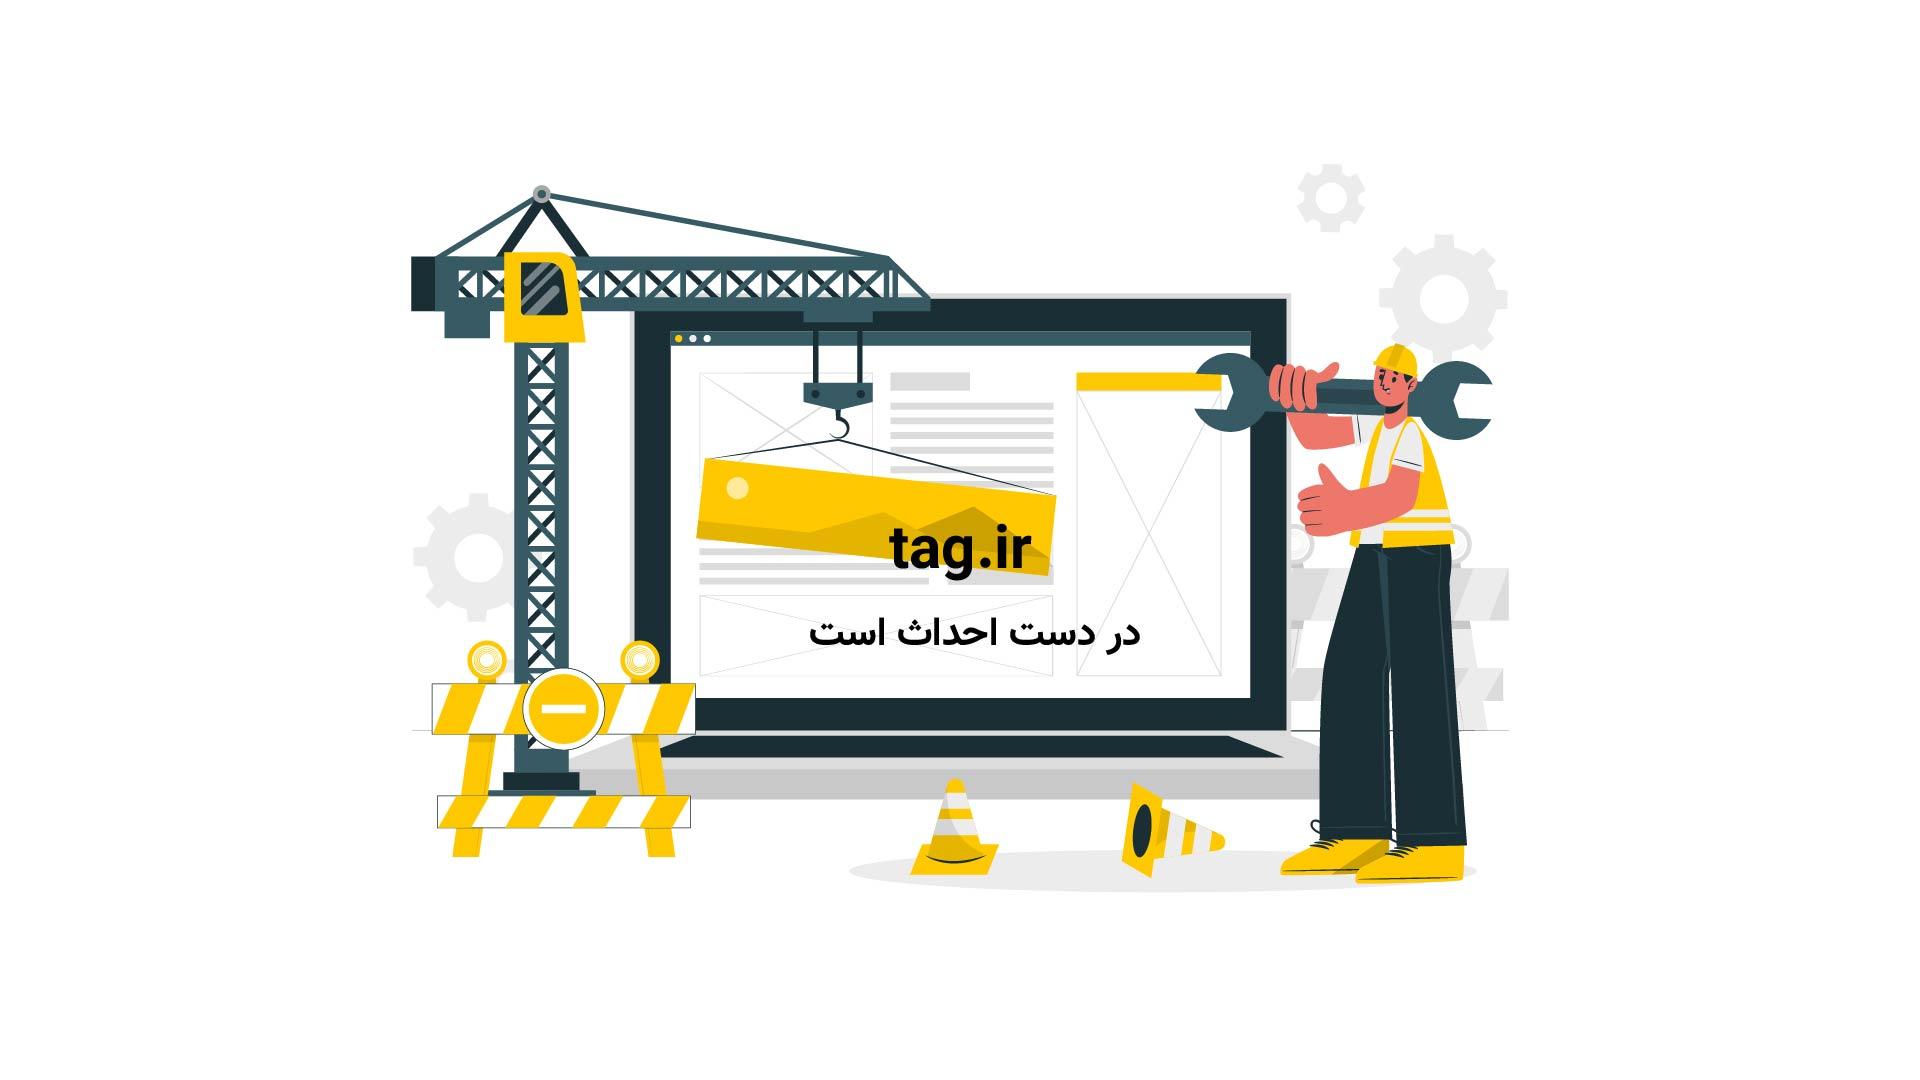 فیلم سینمایی آذر | تگ